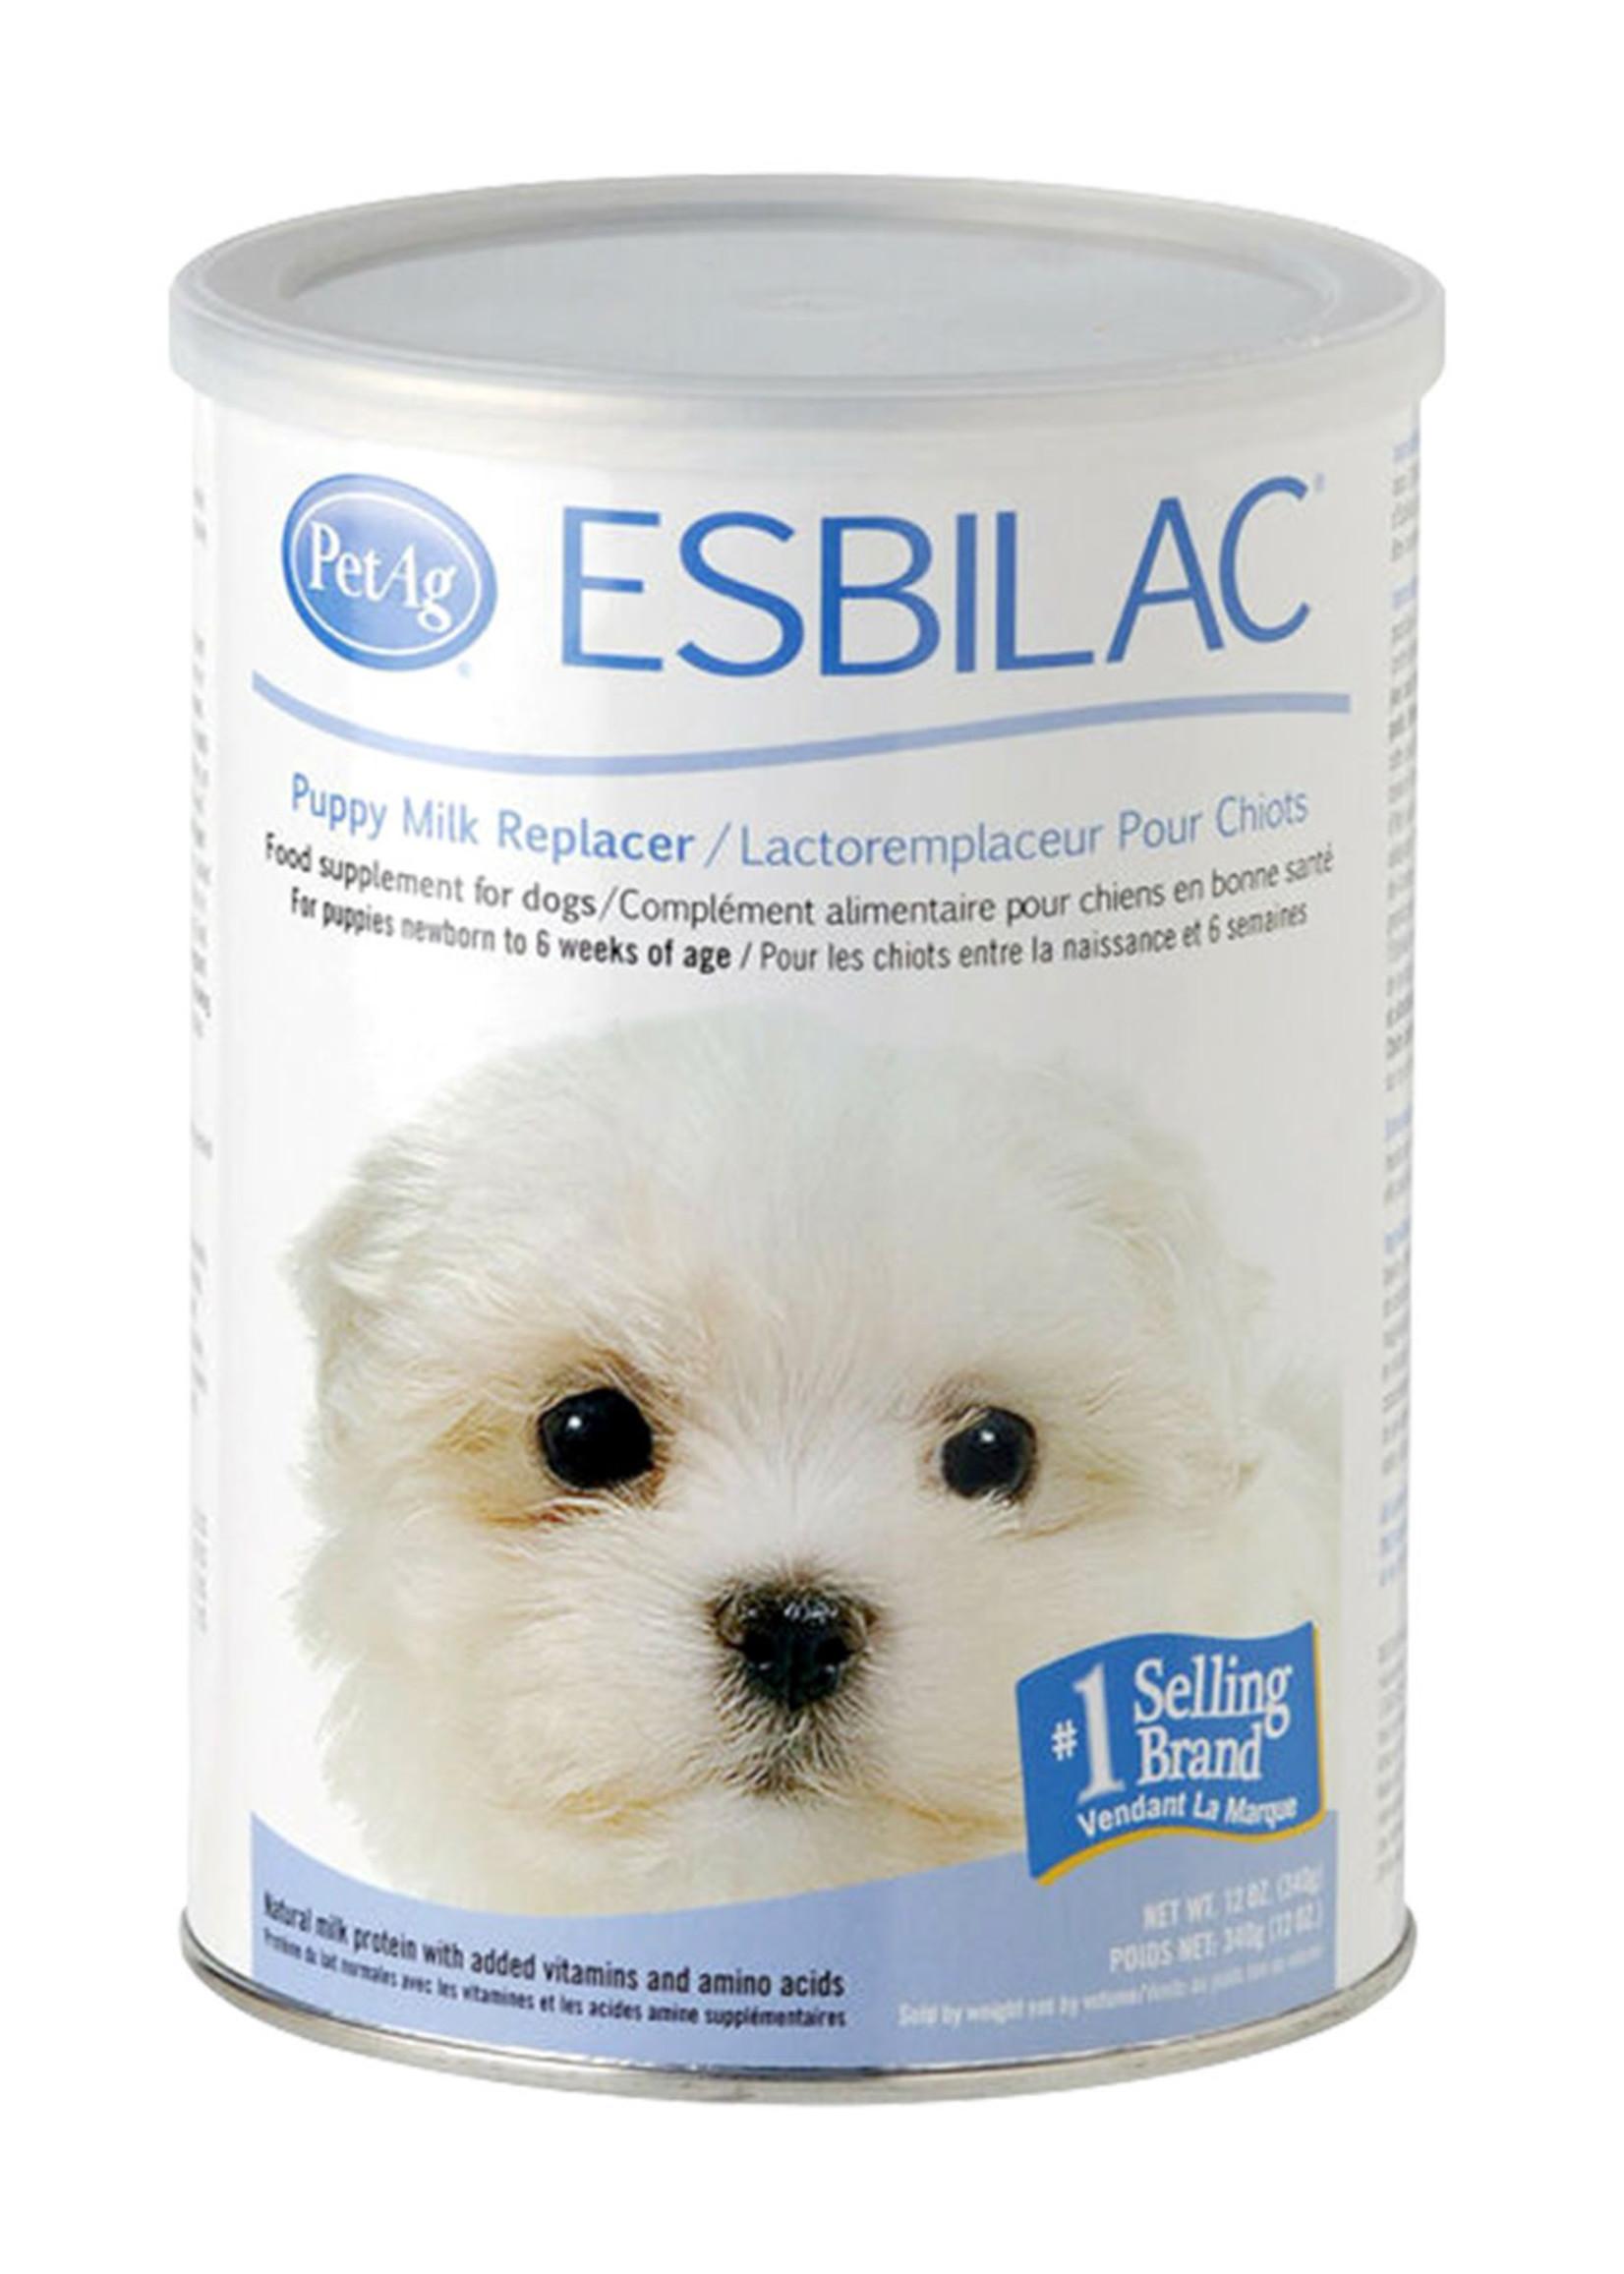 PetAg® PetAg Esbilac® Puppy Milk Replacer Powder 12oz